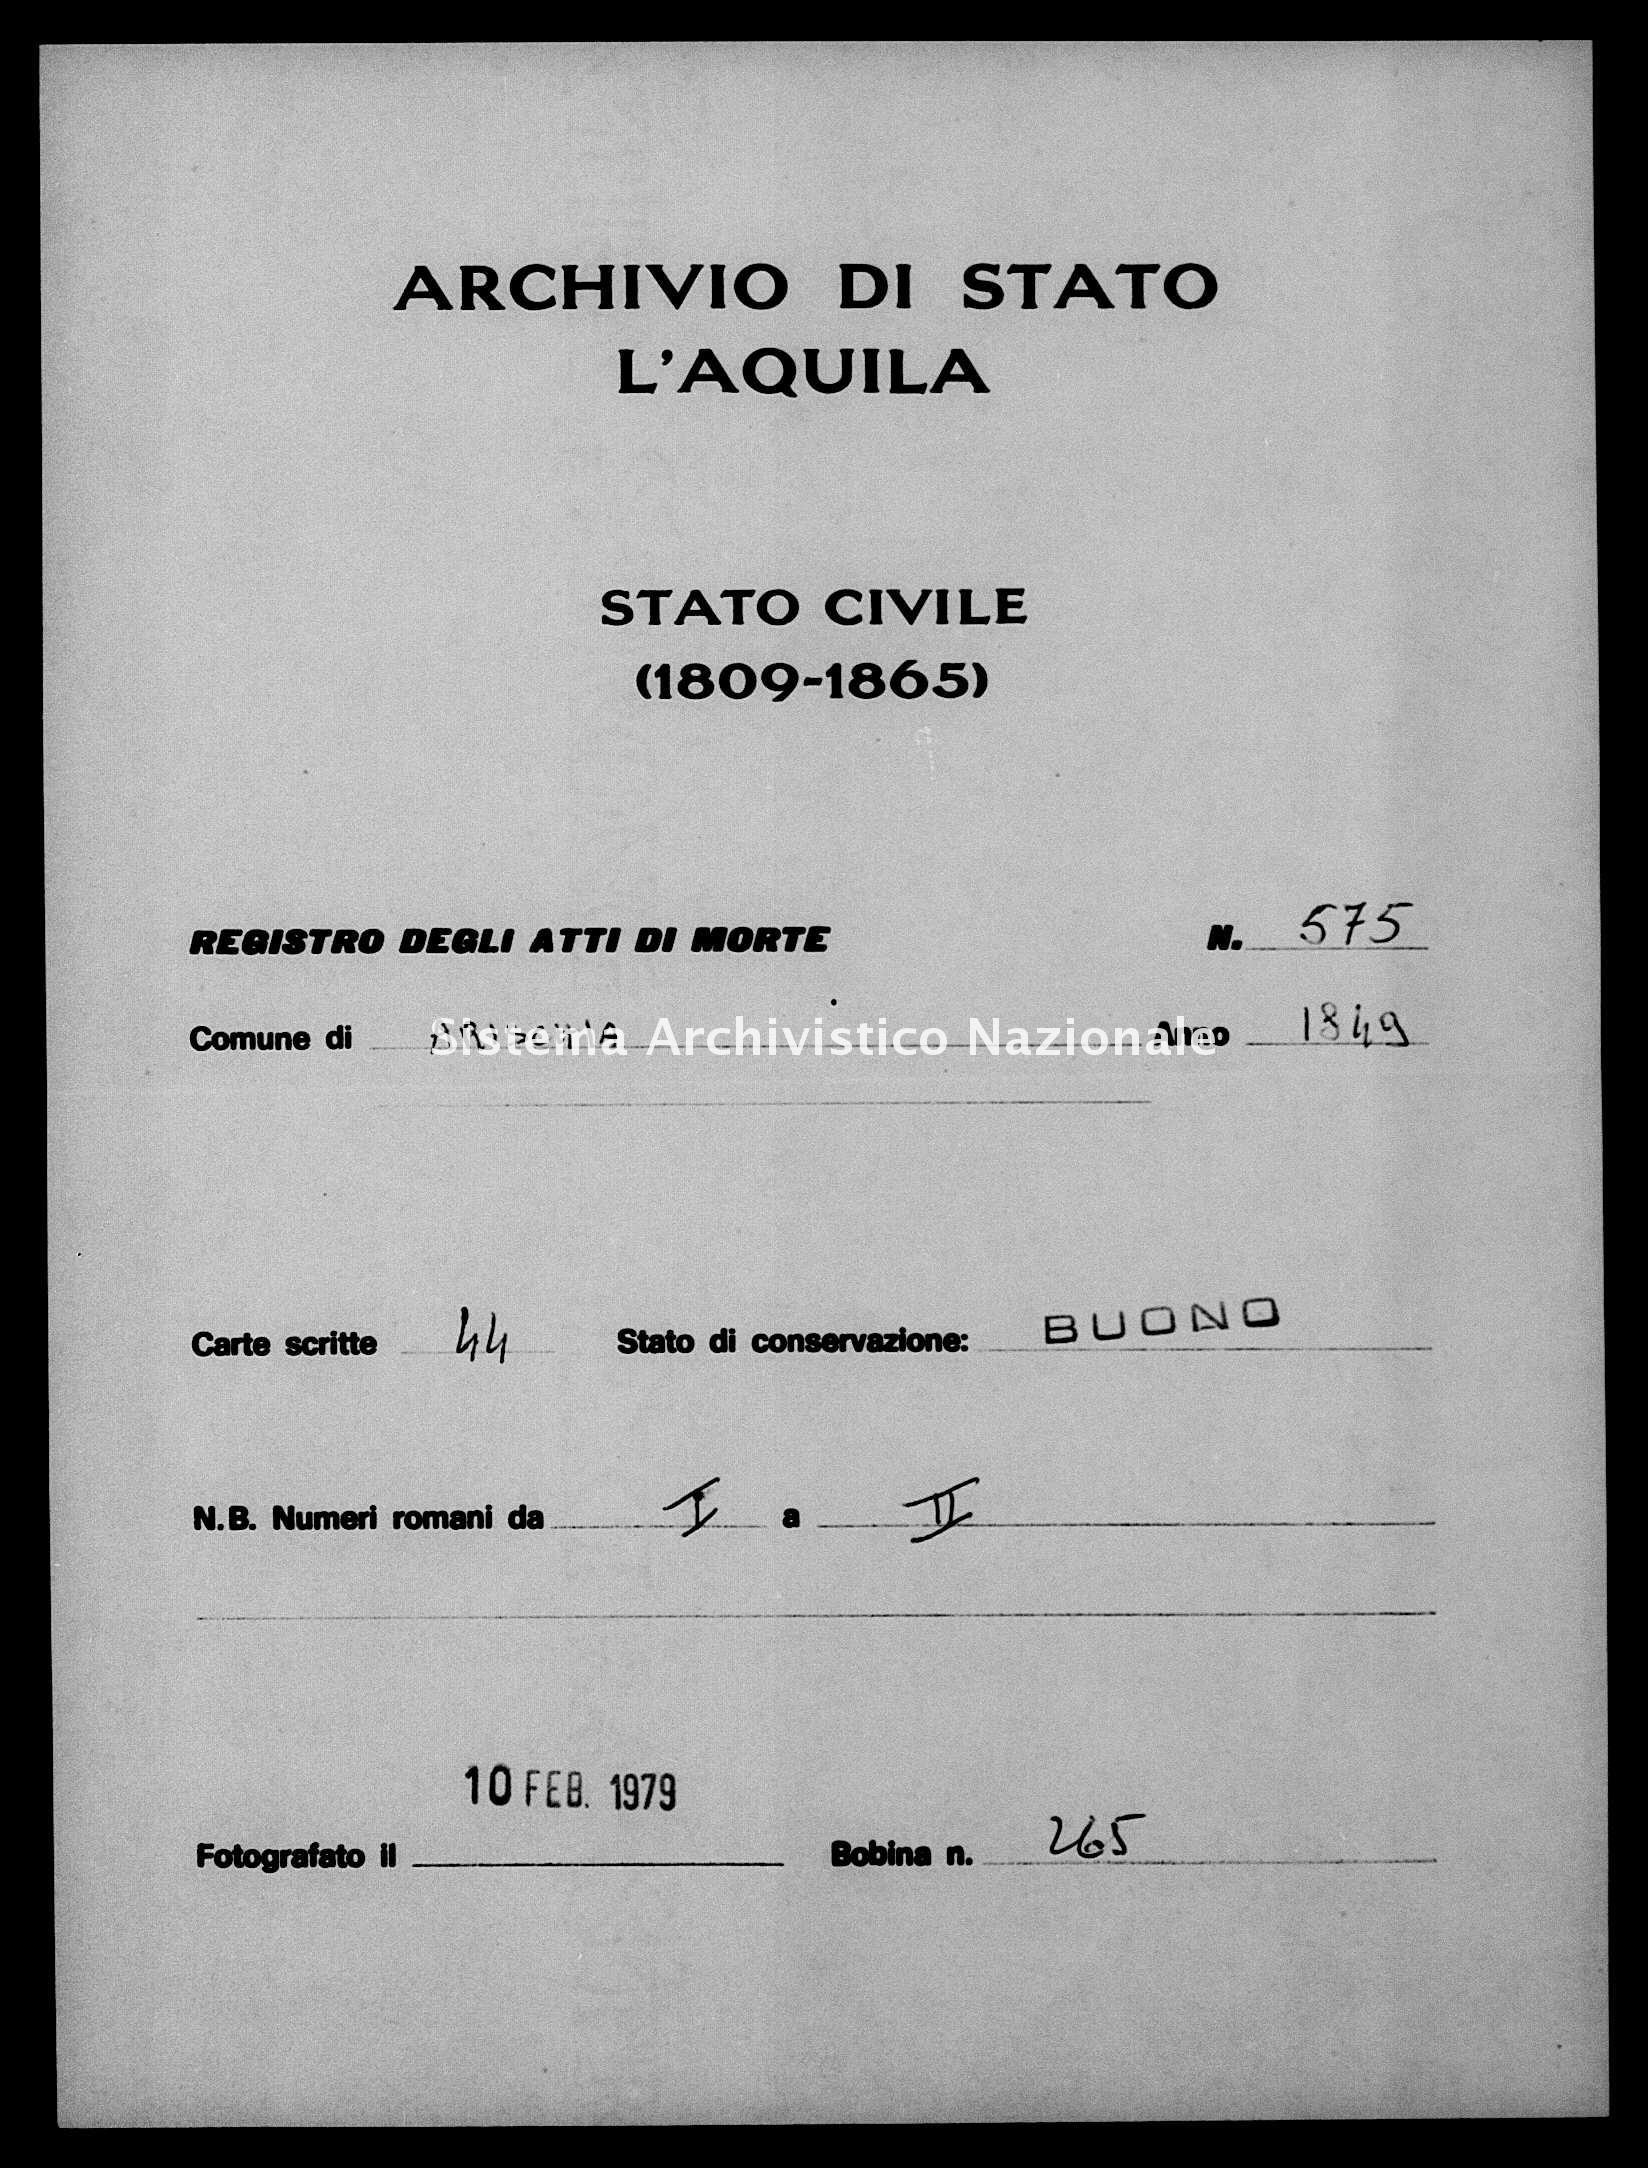 Archivio di stato di L'aquila - Stato civile della restaurazione - Arischia - Morti - 15/01/1849-28/11/1849 - 575 -